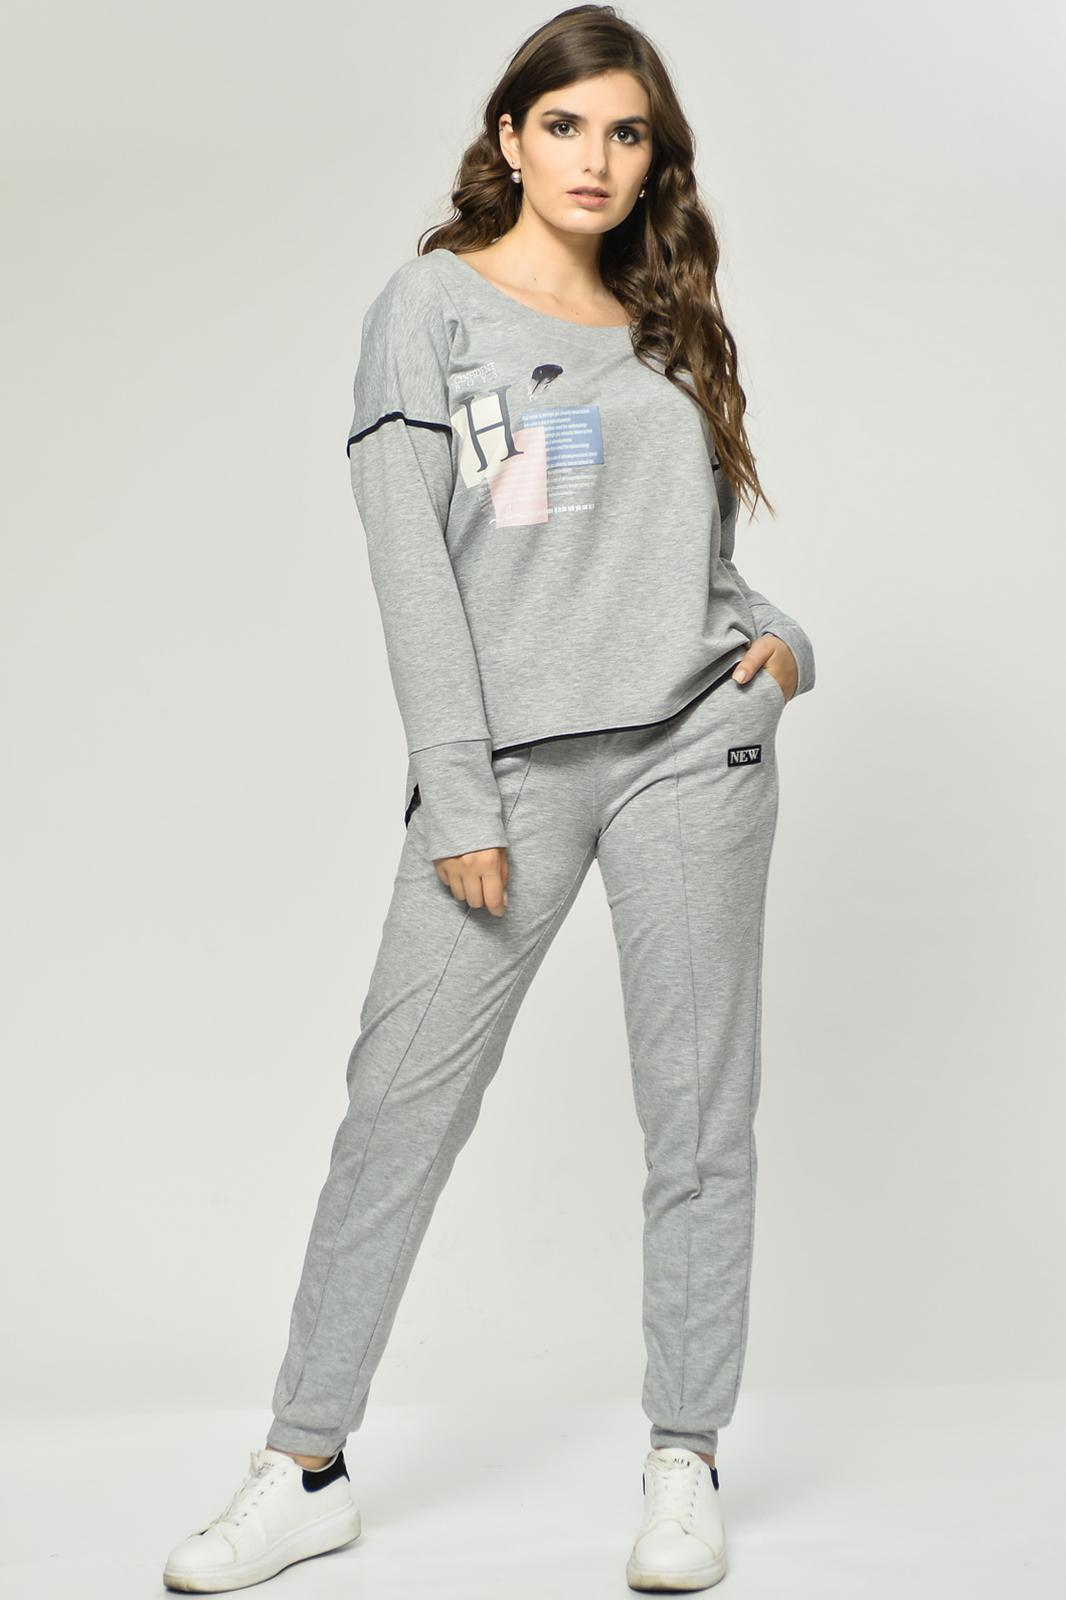 53d3ad8f1f92 Купить спортивный женский костюм в интернет-магазине, недорого